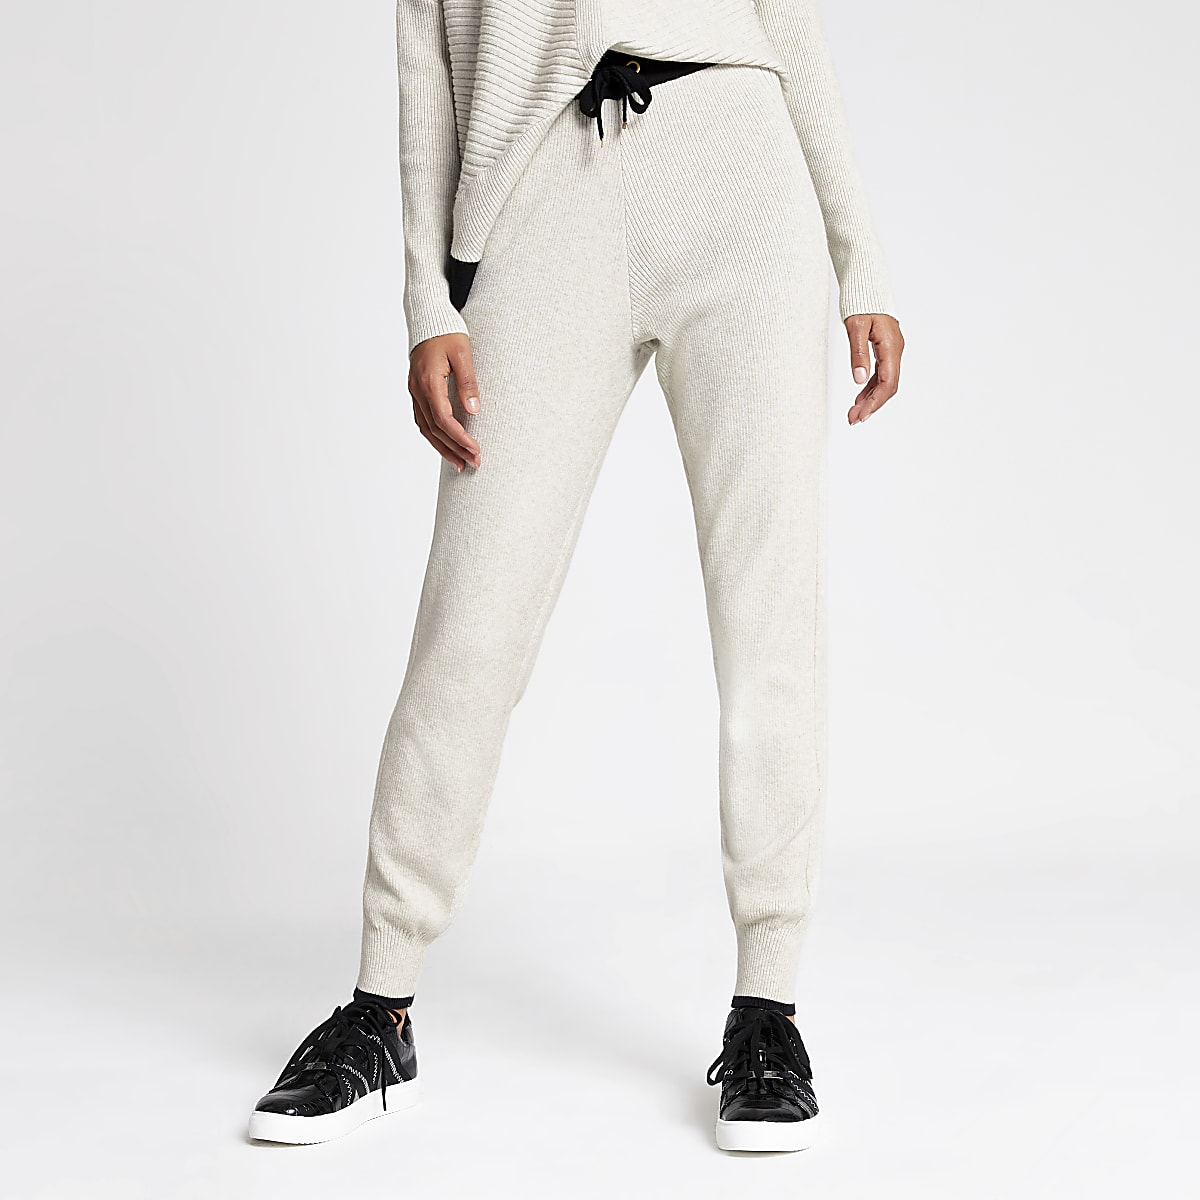 Crèmekleurige joggingbroek van gebreid materiaal